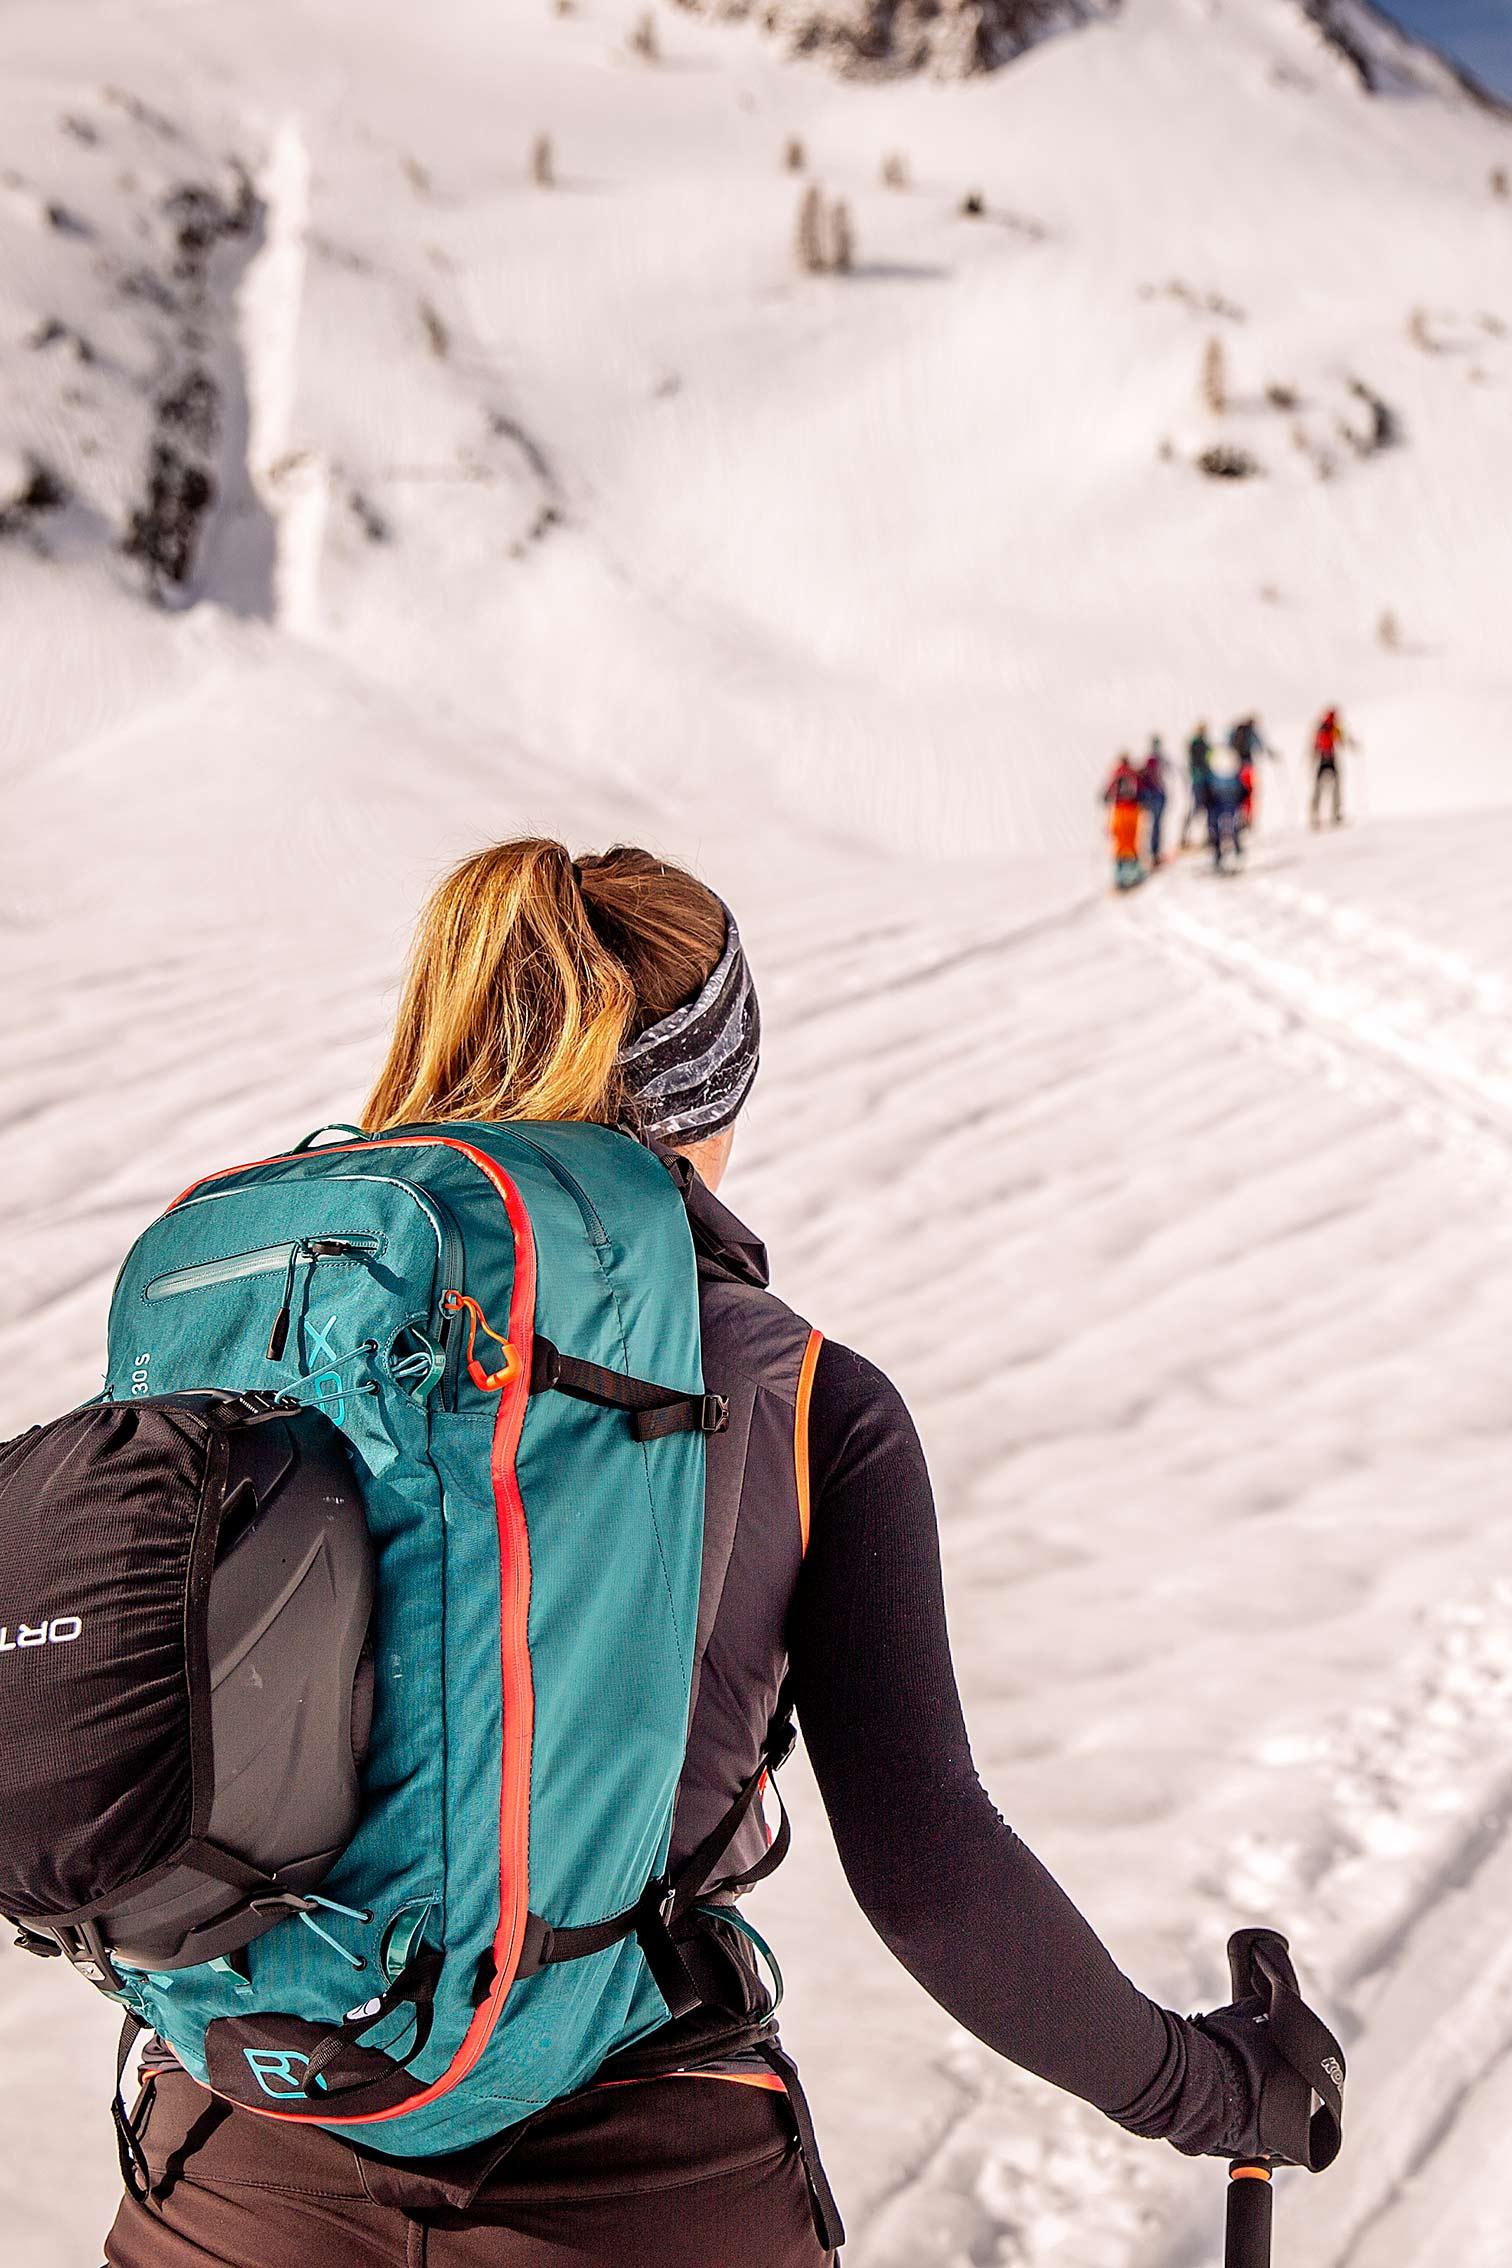 Snowspors | ©KontraPixel | Jana Erb